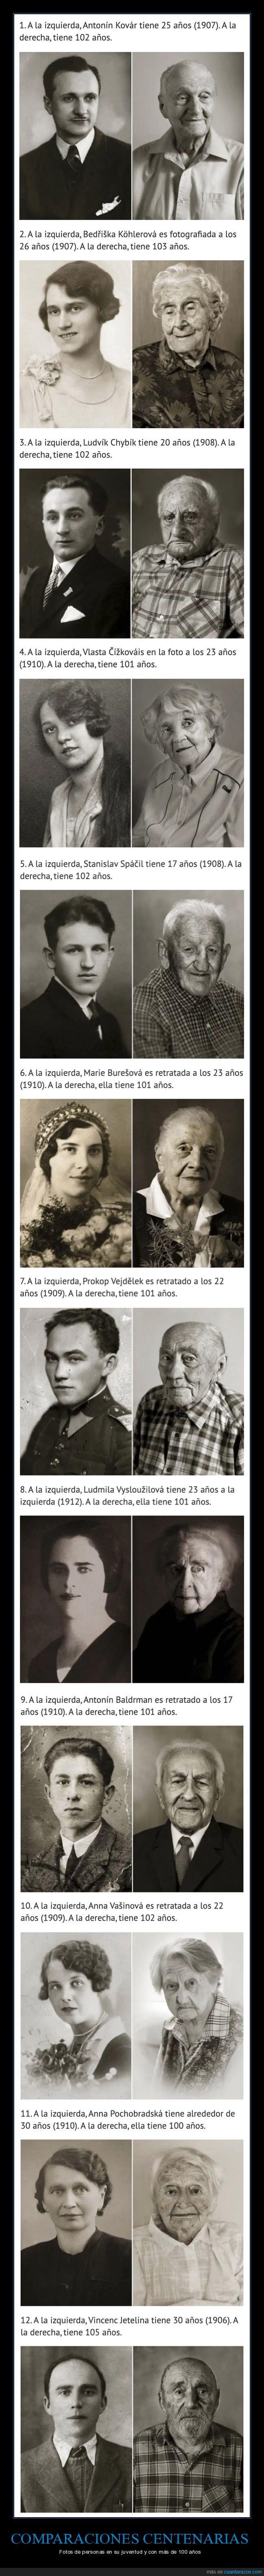 100 años,antes,comparaciones,después